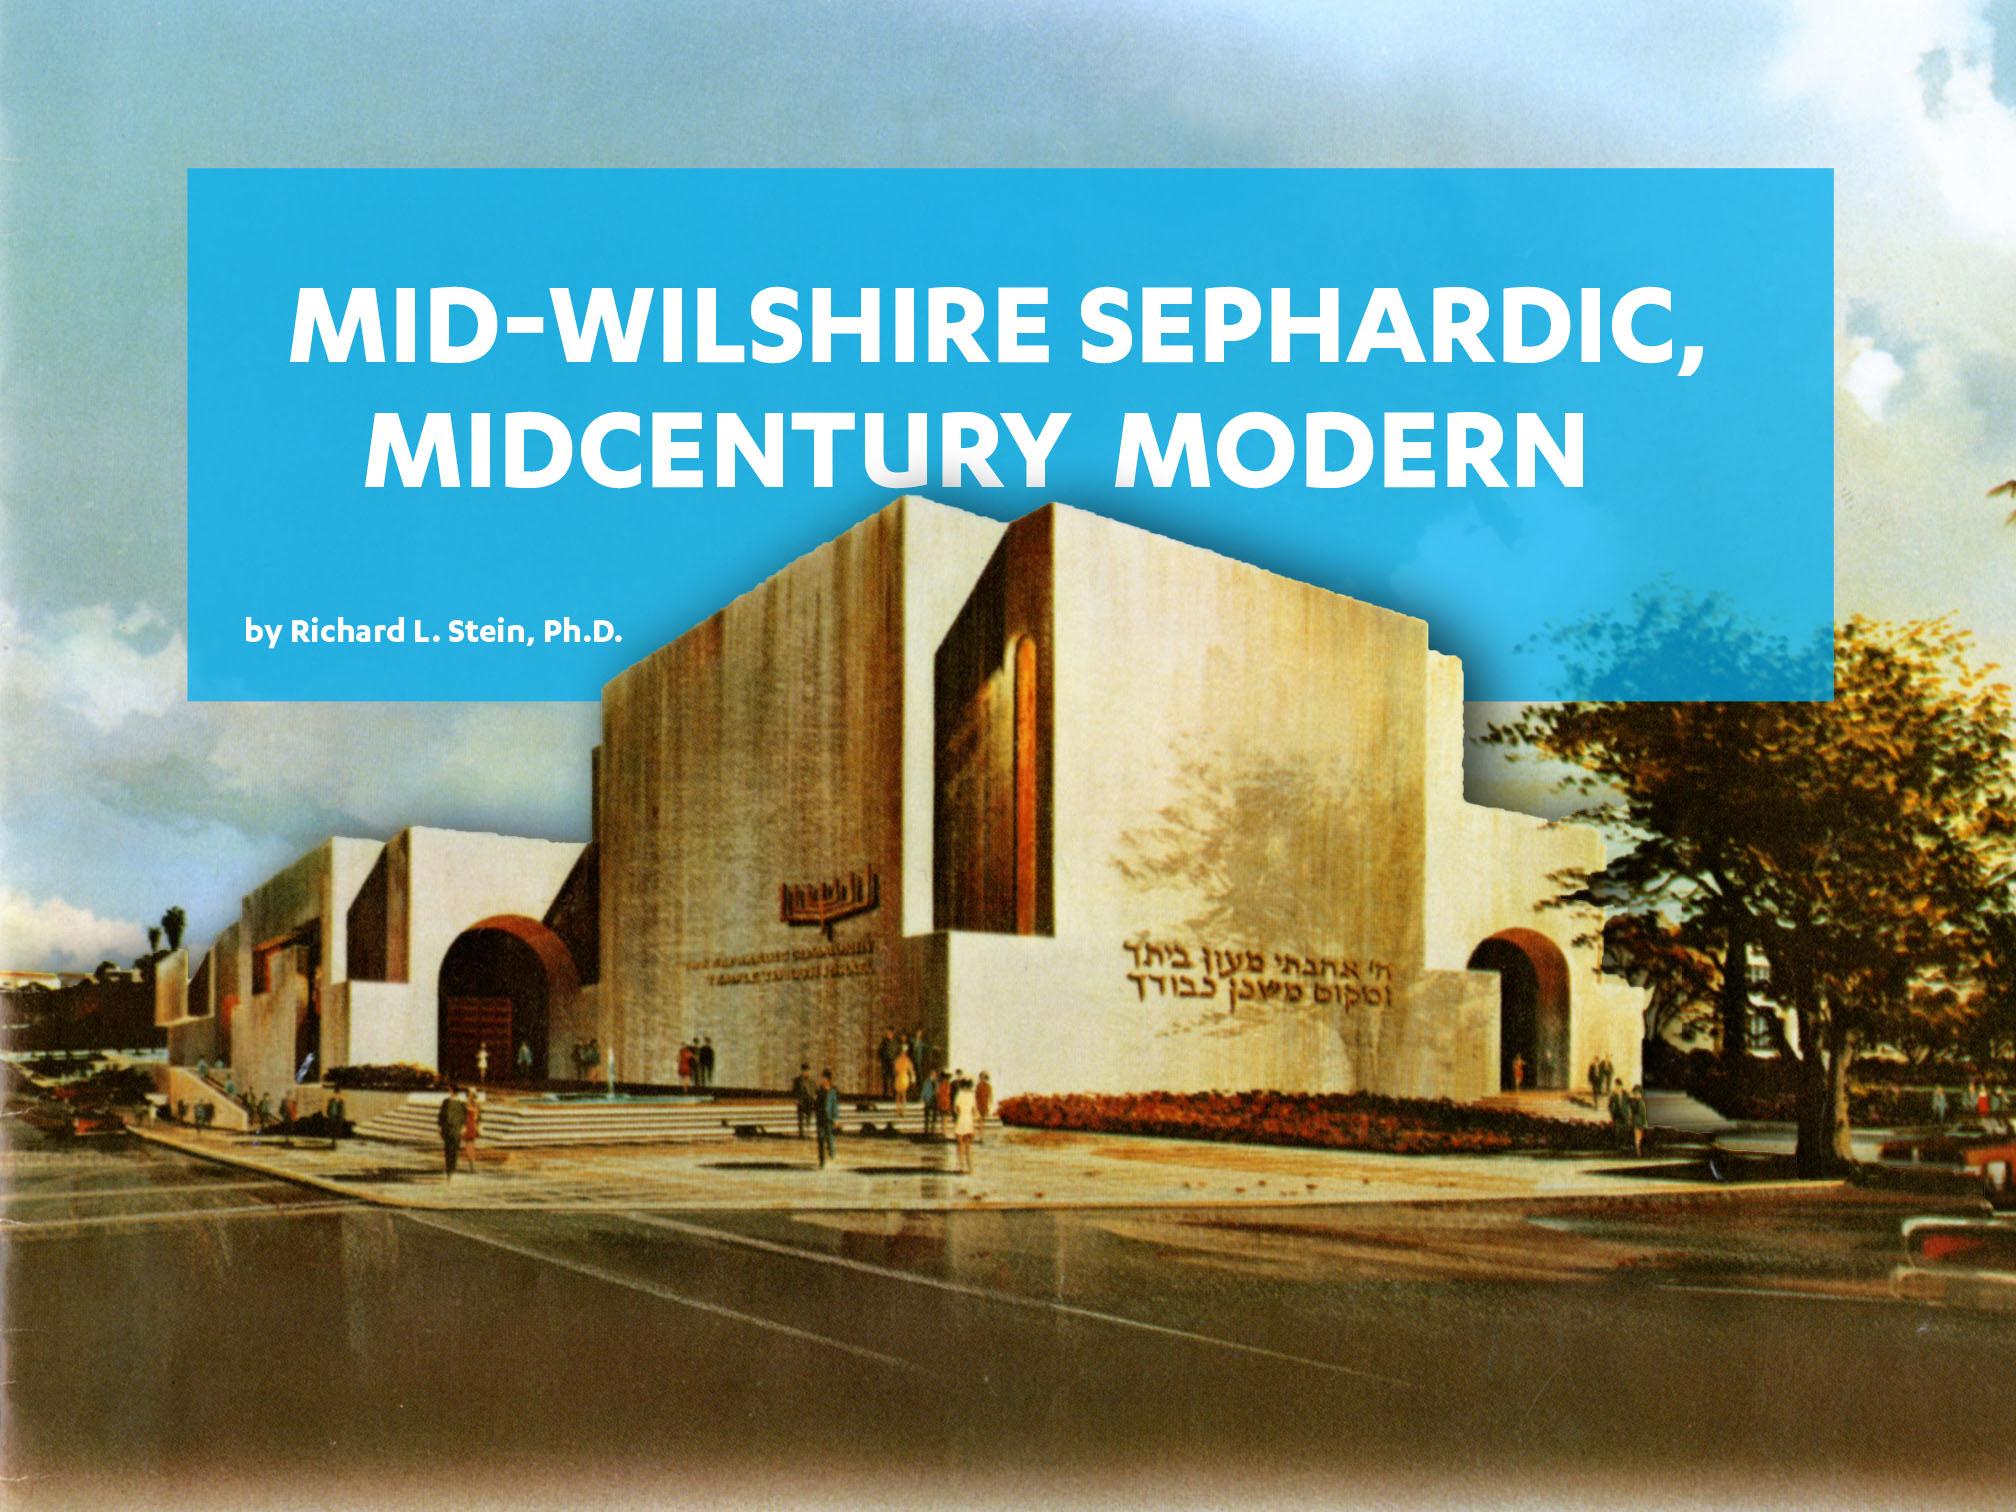 Mid-Wilshire Sephardic, Midcentury Modern